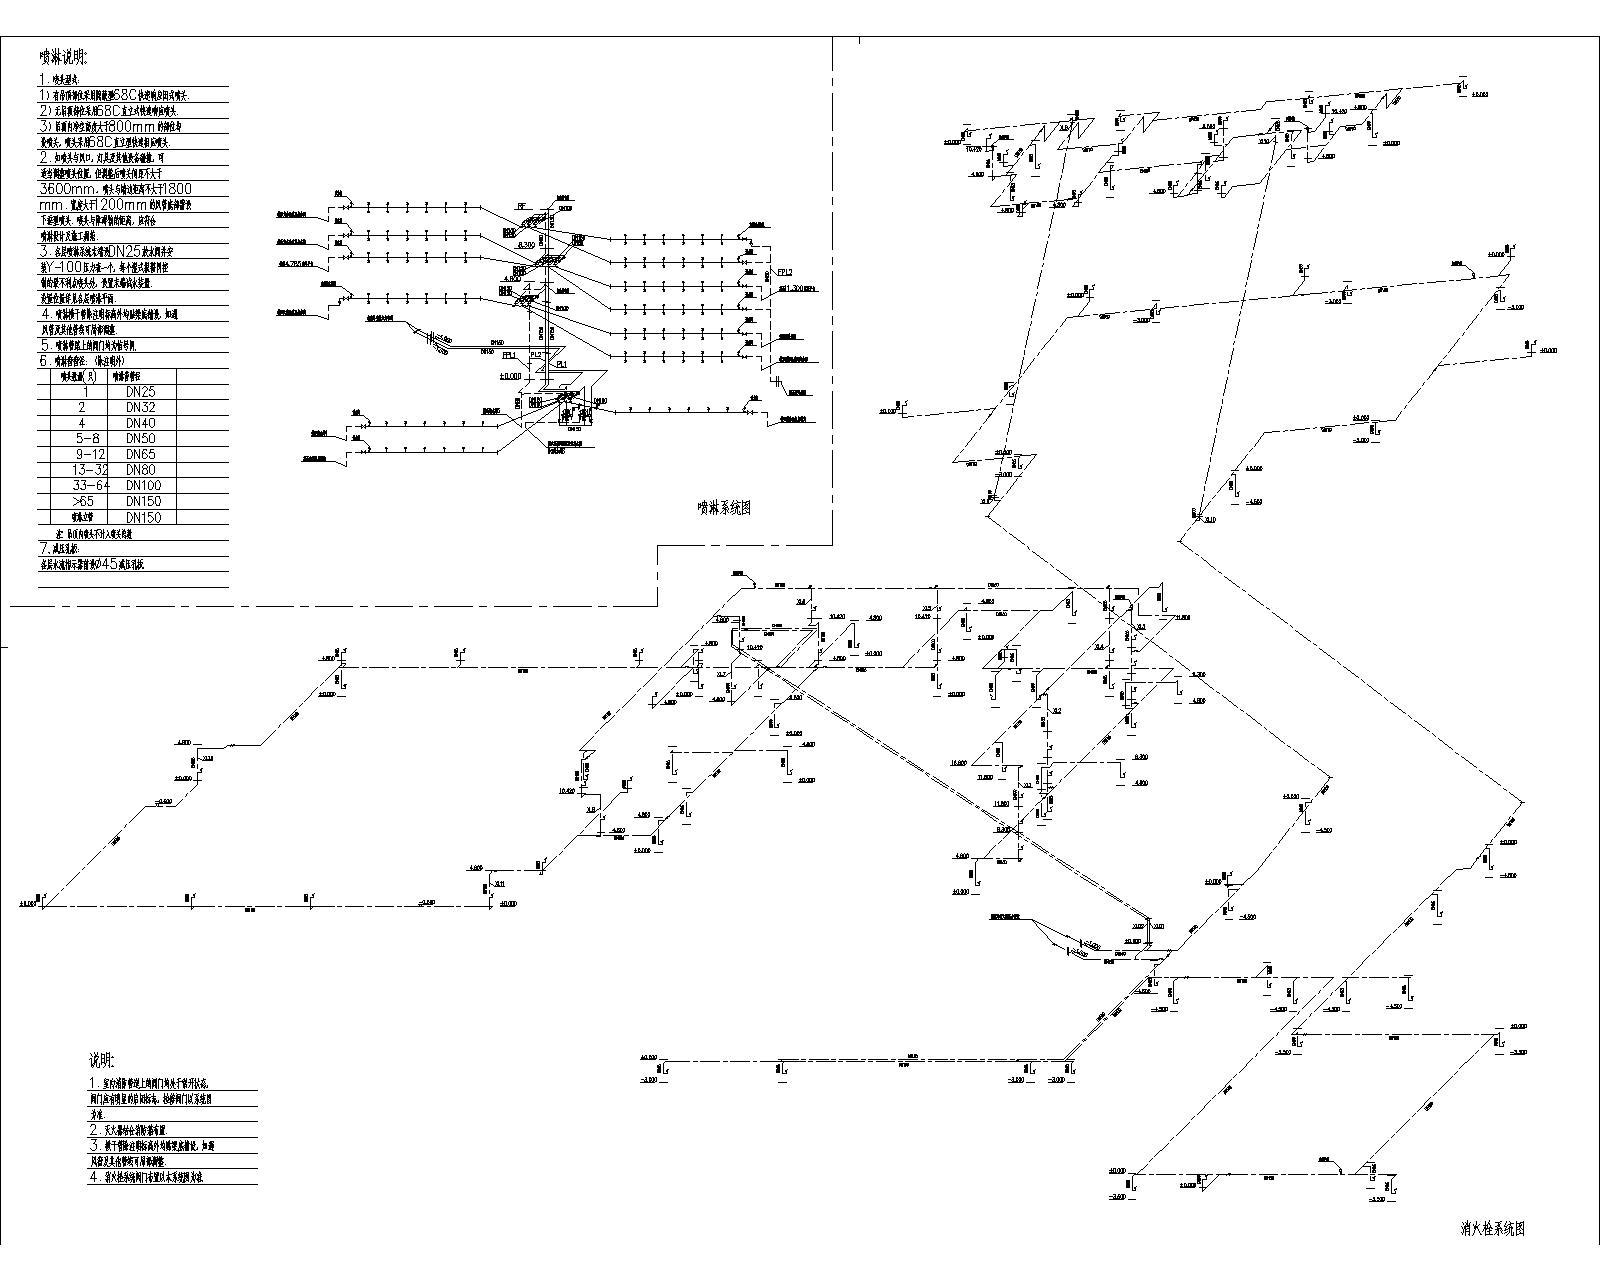 [江苏]连云港体育中心给排水设计全套系统设计(包括室内外给水排水、消防等管道系统及小型给水排水构筑物)_8